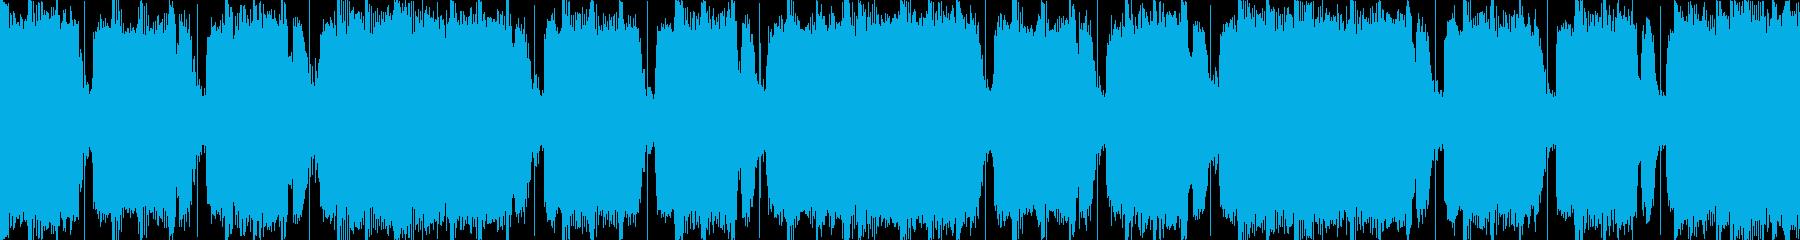 ロックンロール ジングル ループの再生済みの波形